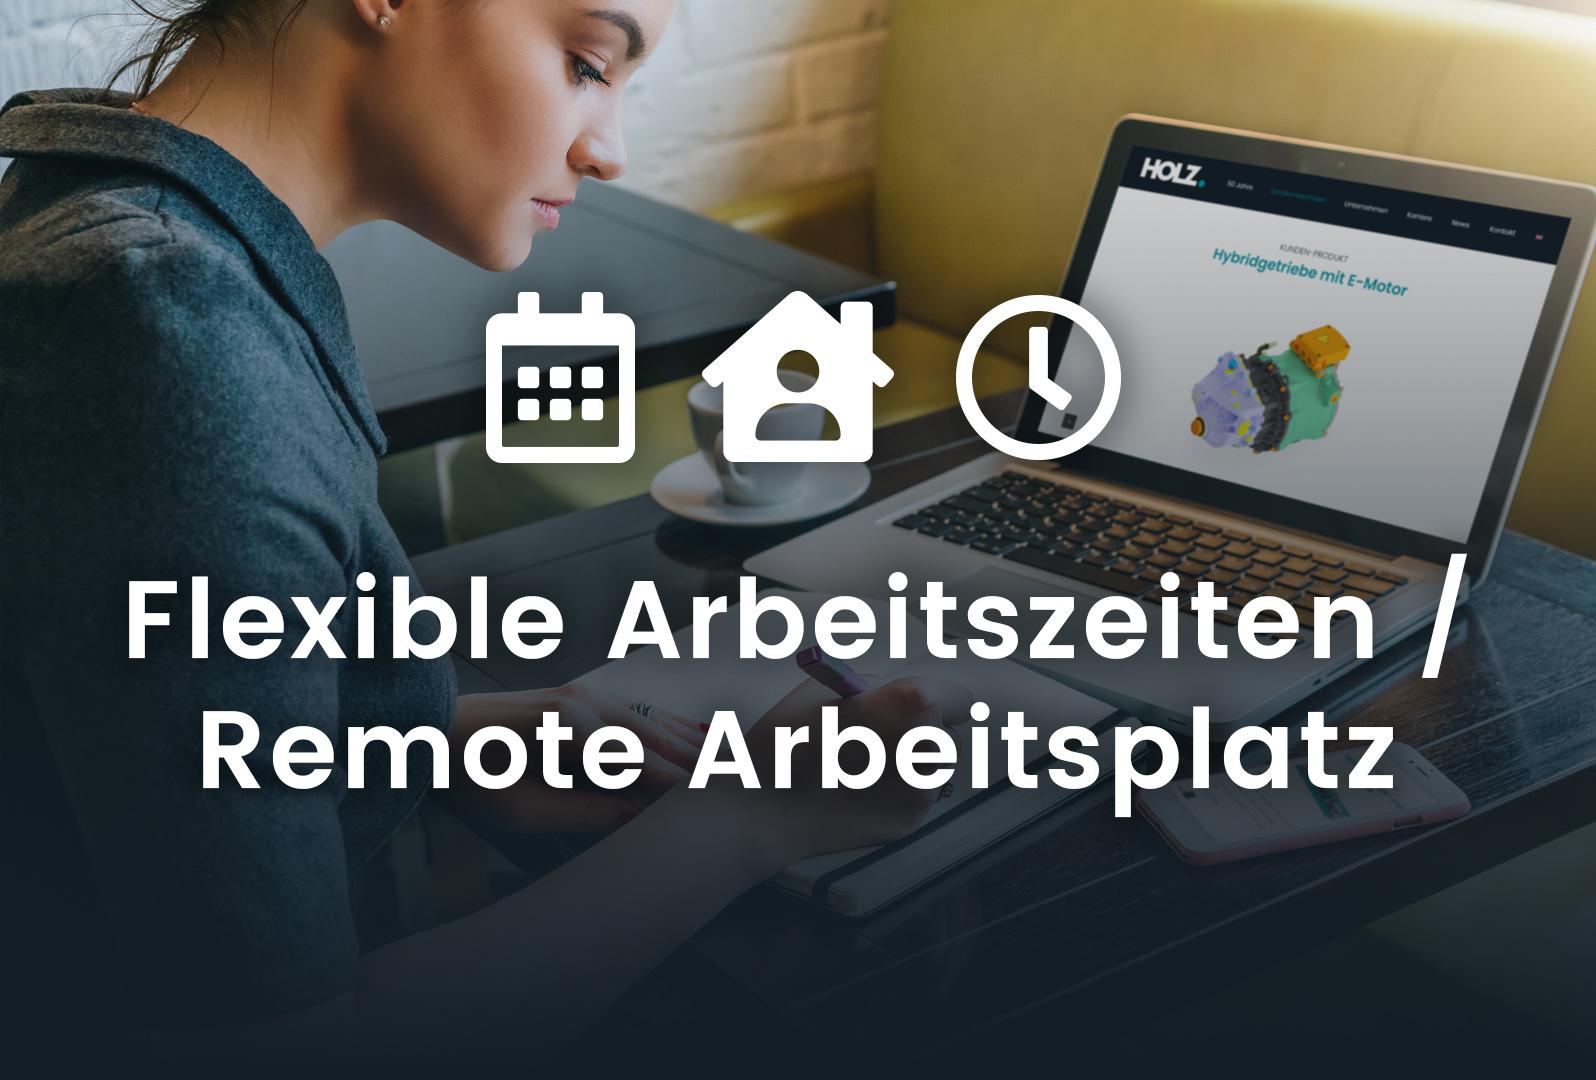 Flexible Arbeitszeiten und Remote Arbeitsplatz